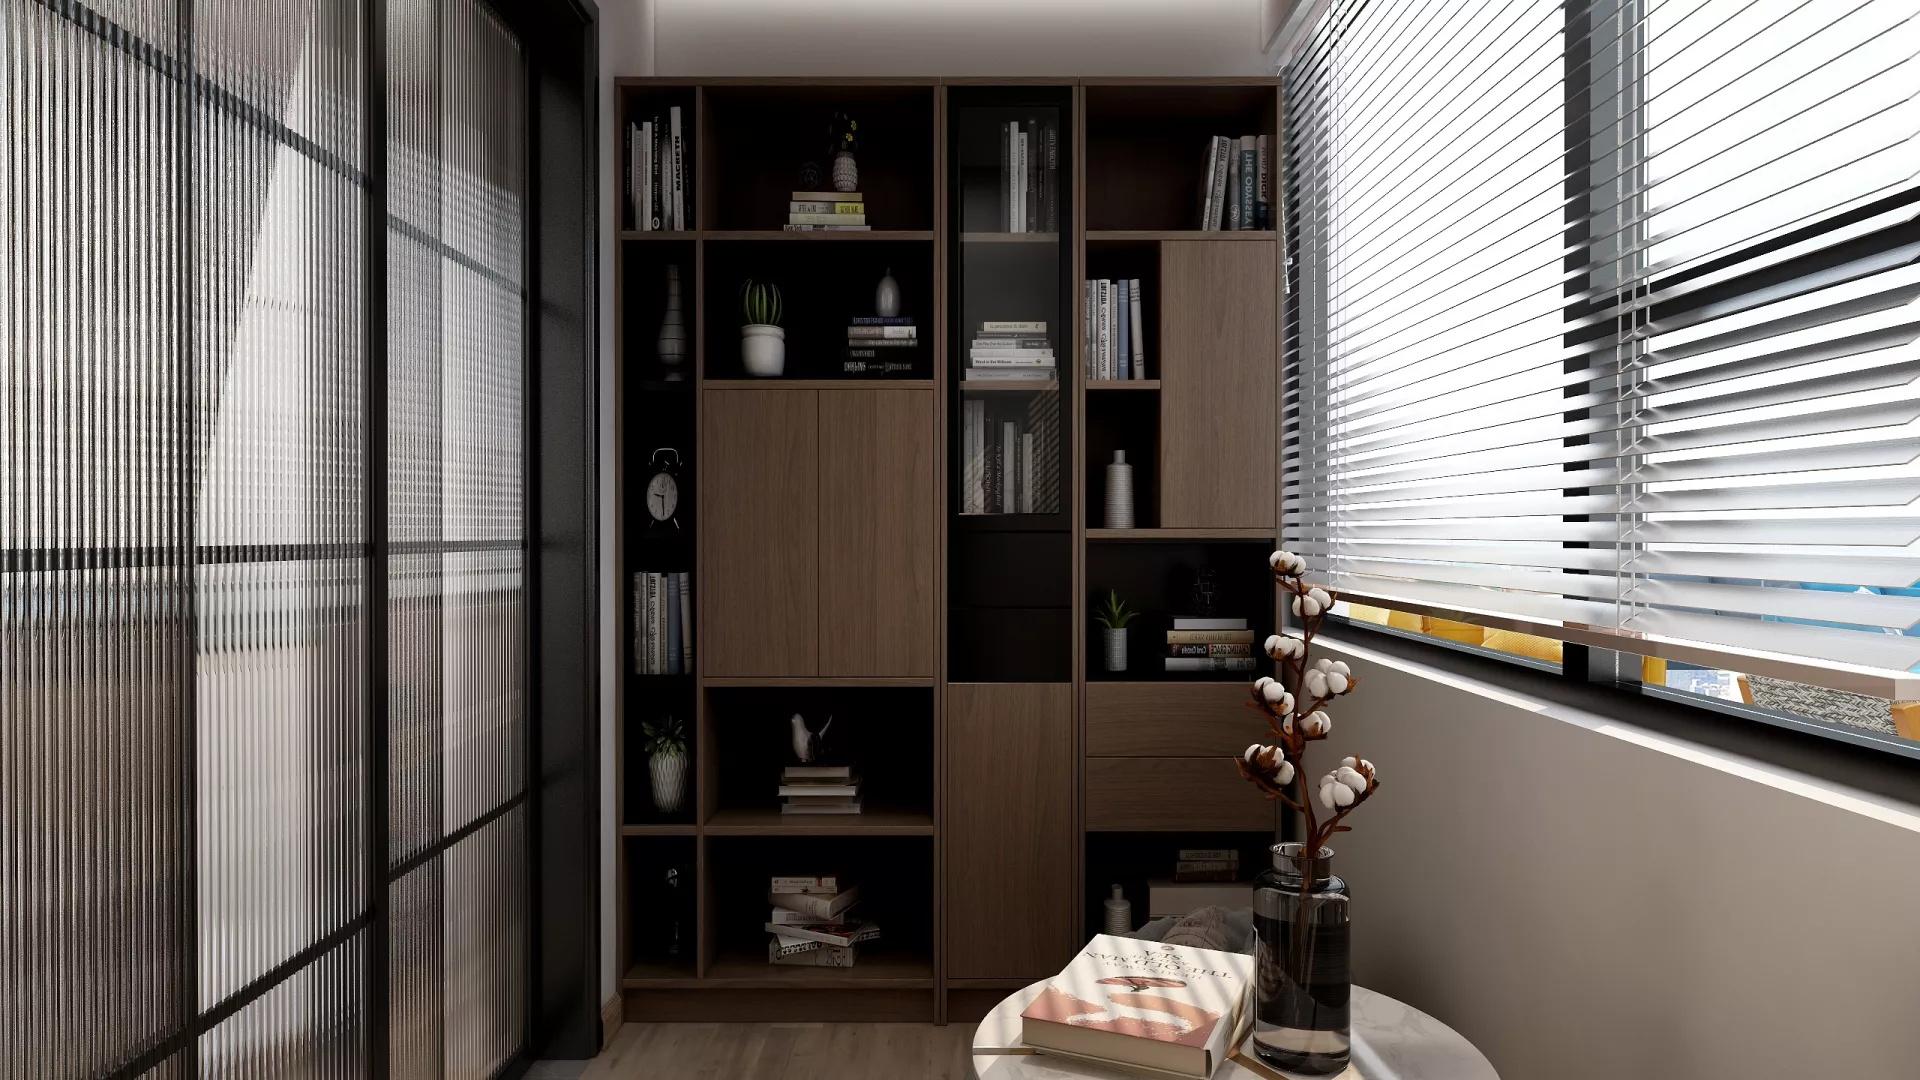 客厅如何布局 客厅布局设计要怎么做